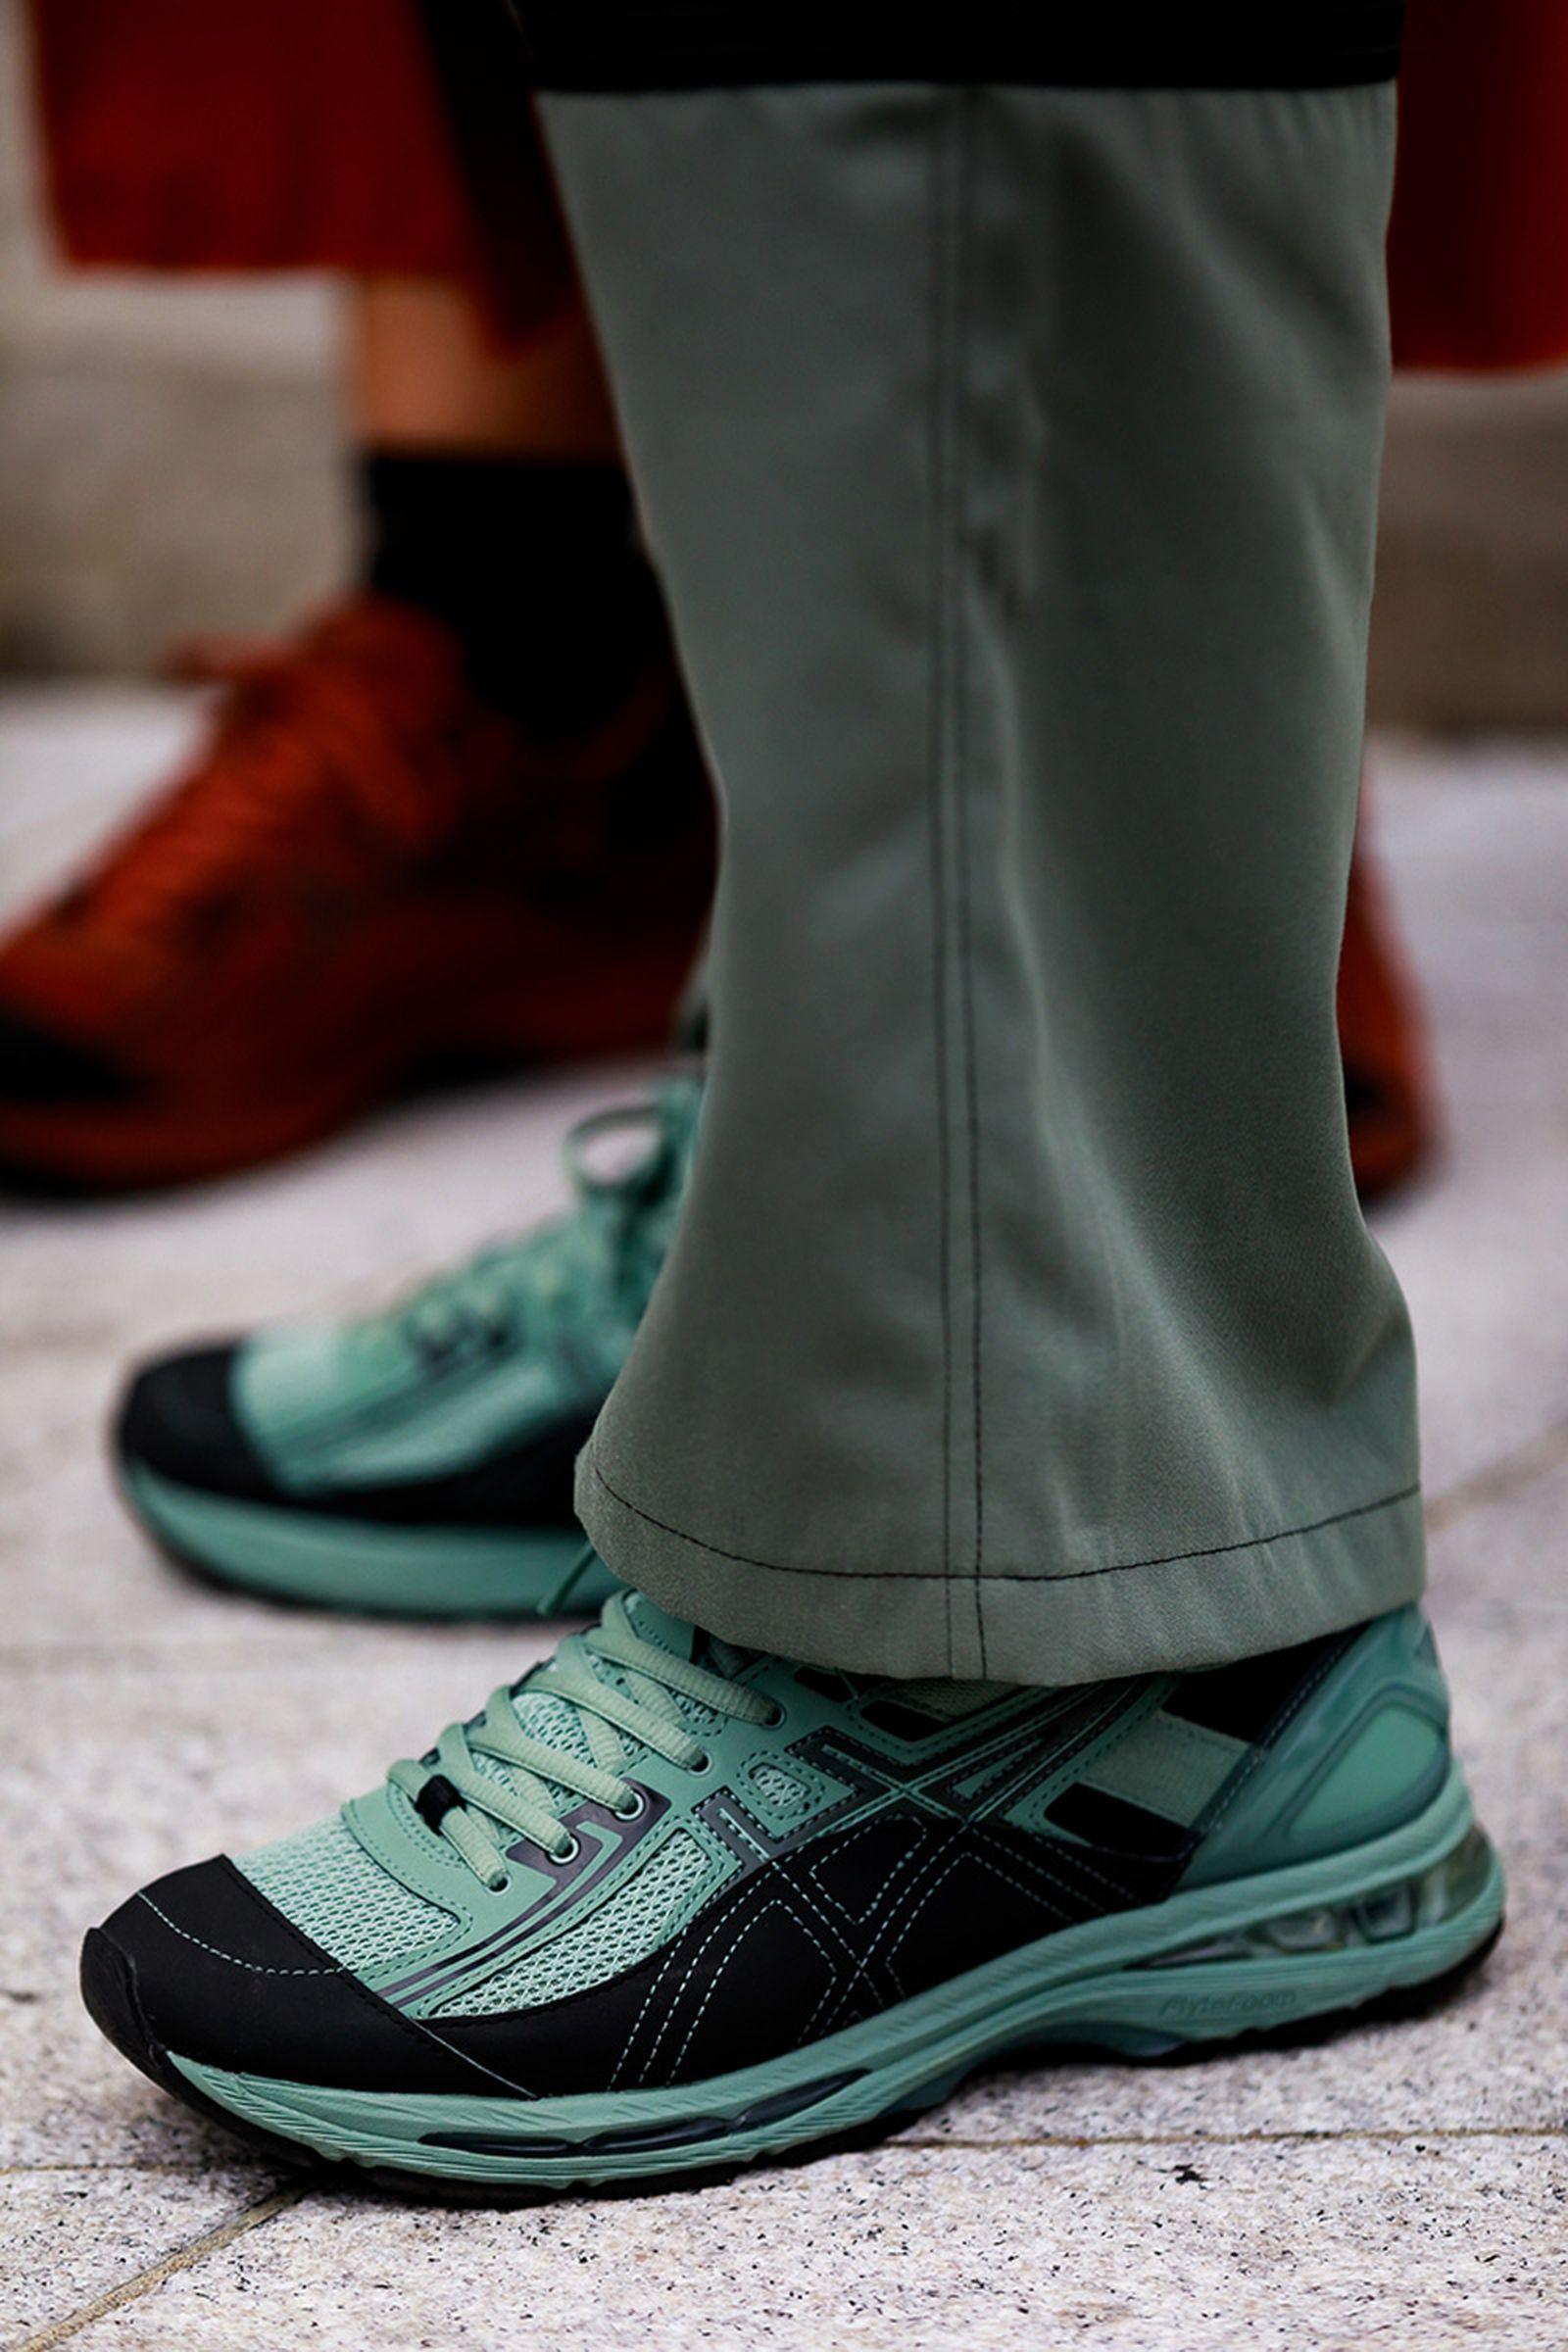 FW19 Seoul StreetStyle Sneakers PaulJeong 07 Sneaker street style seoul fashion week